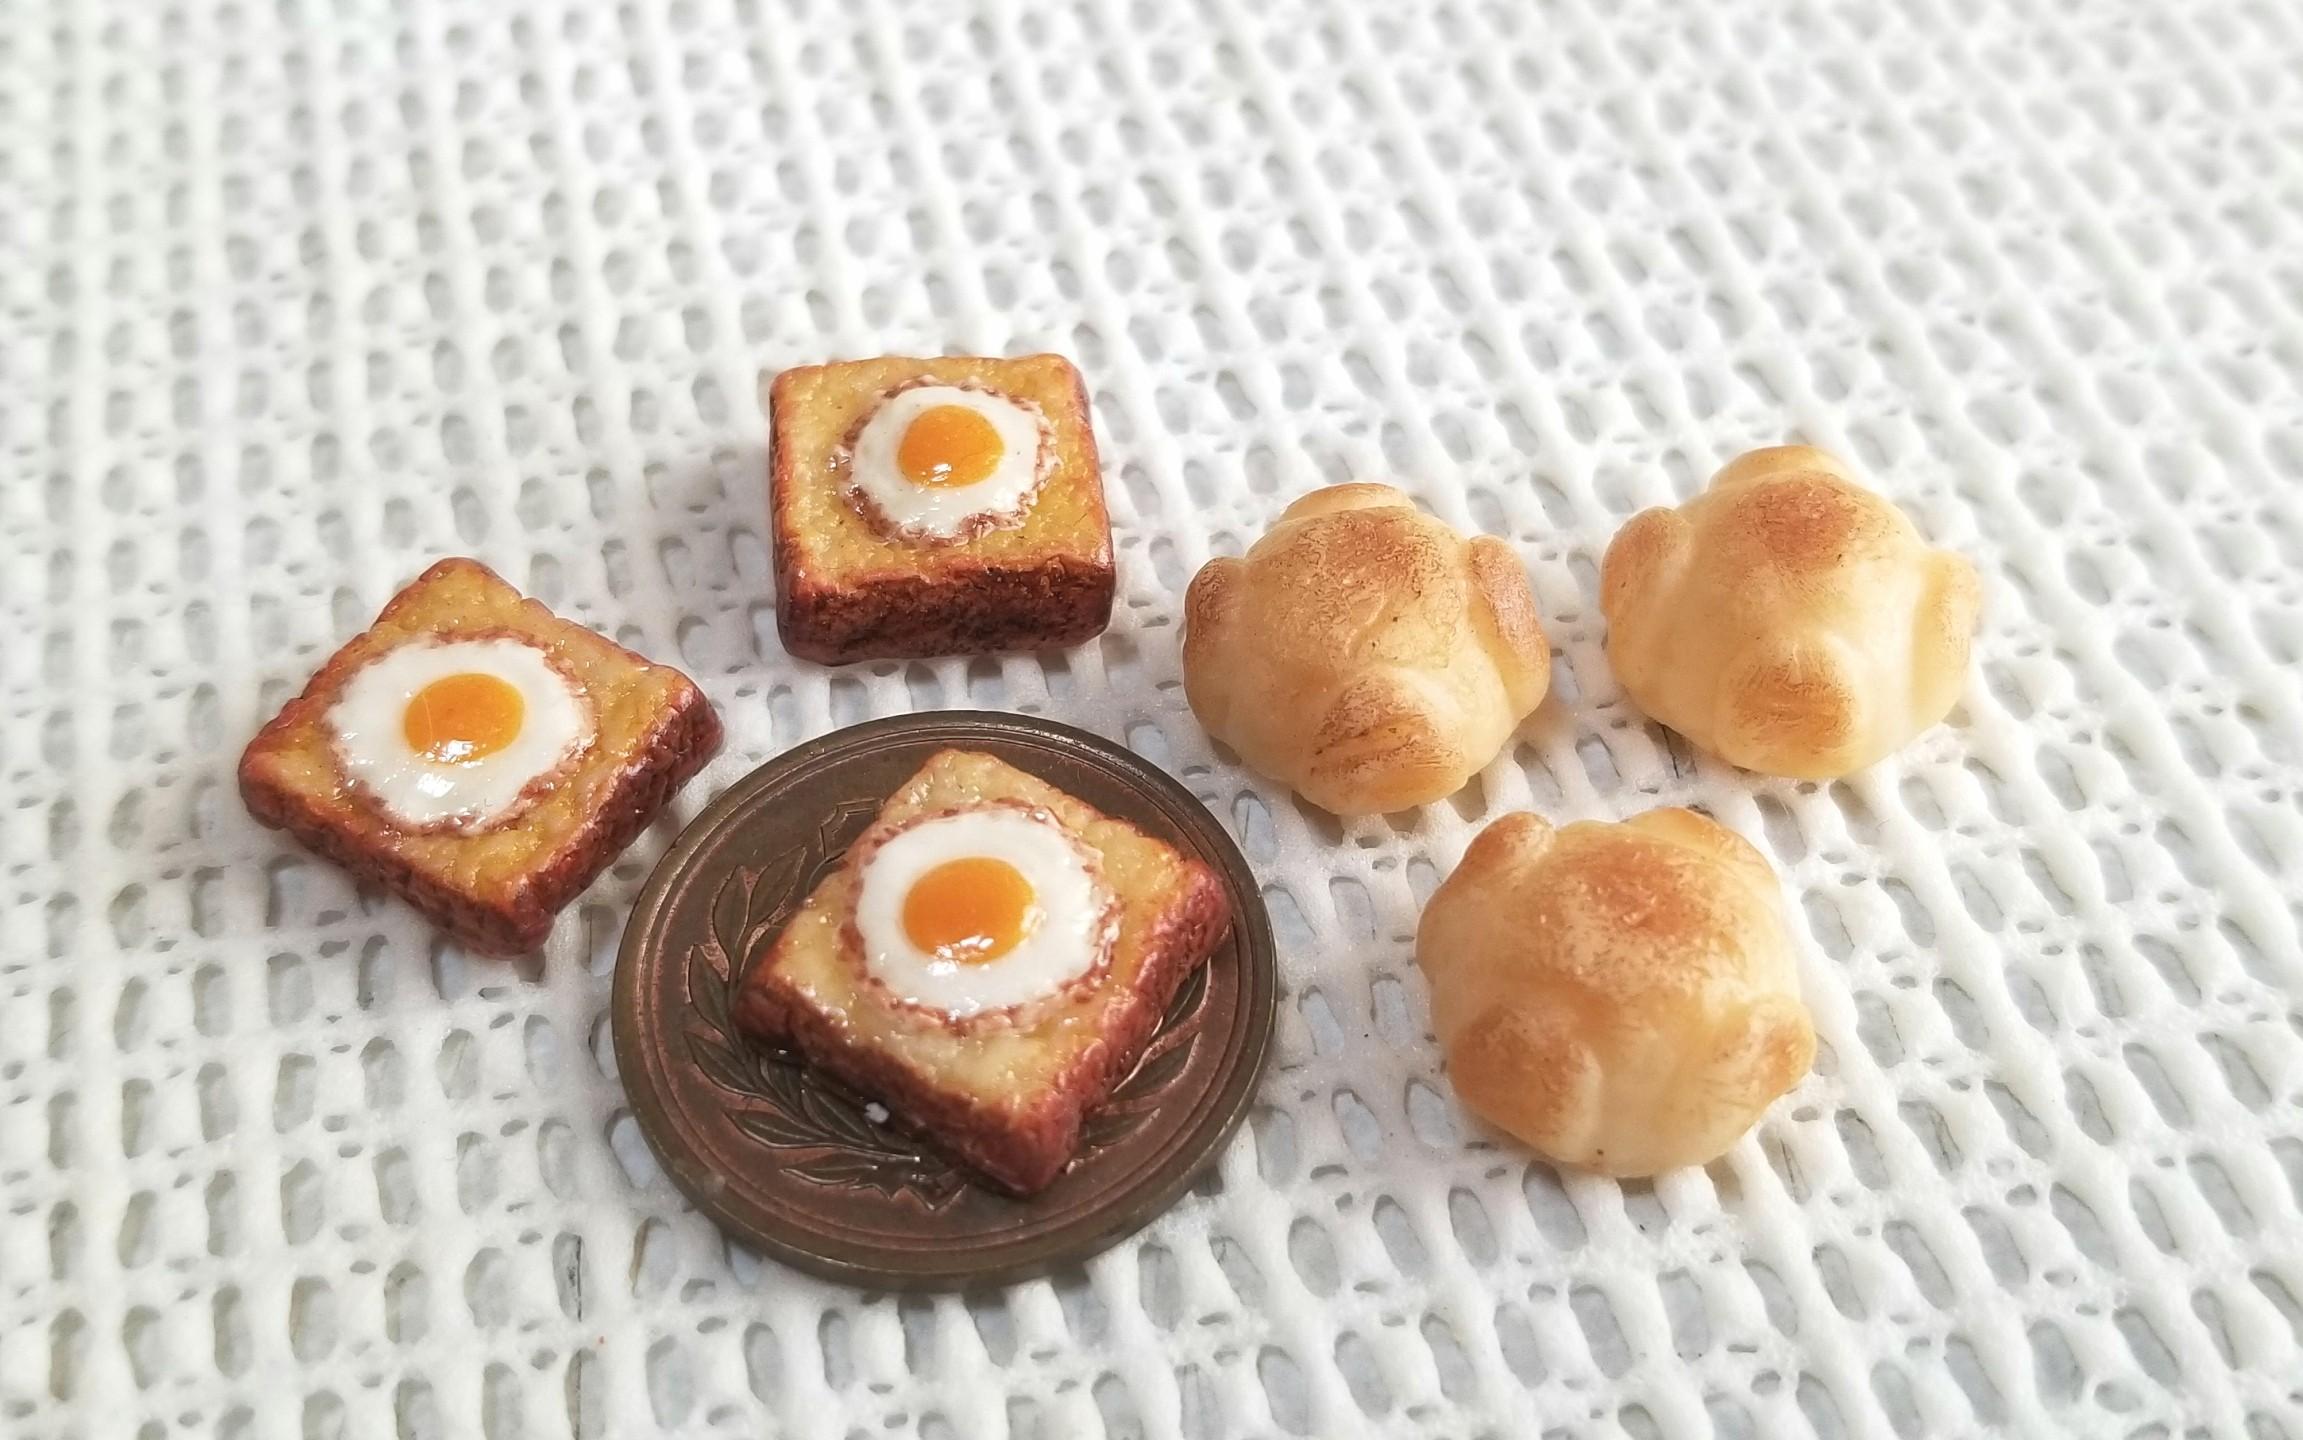 ミニチュア,目玉焼きトースト,パン,ミンネ,オーダー,食品サンプル